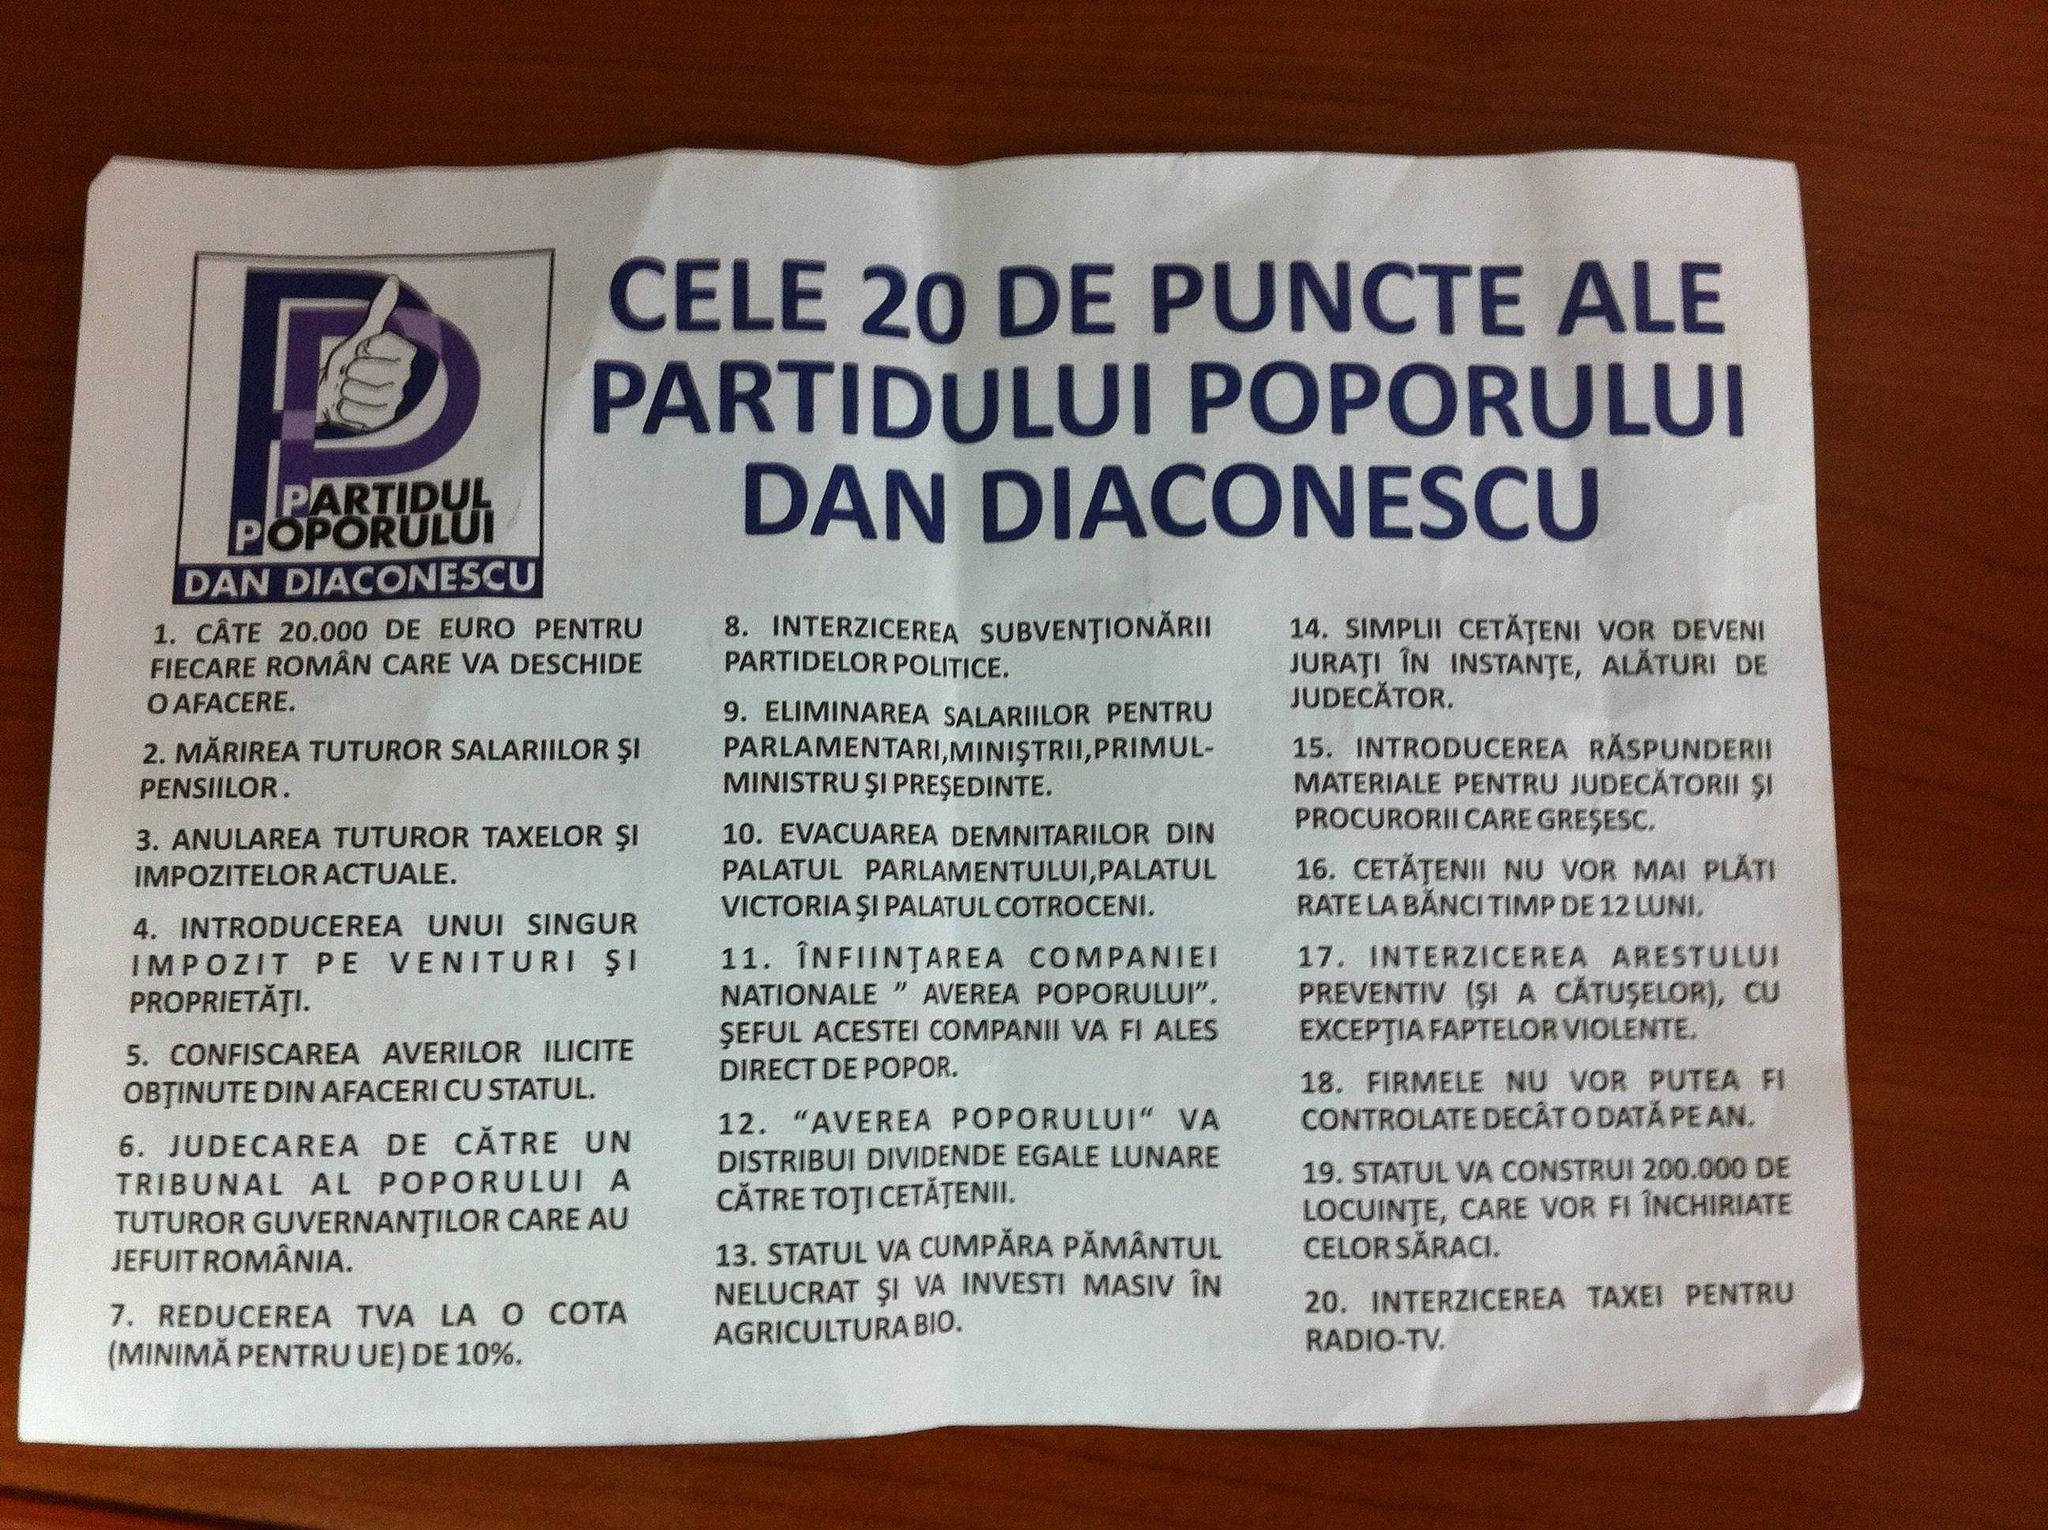 Program Dan Diaconescu